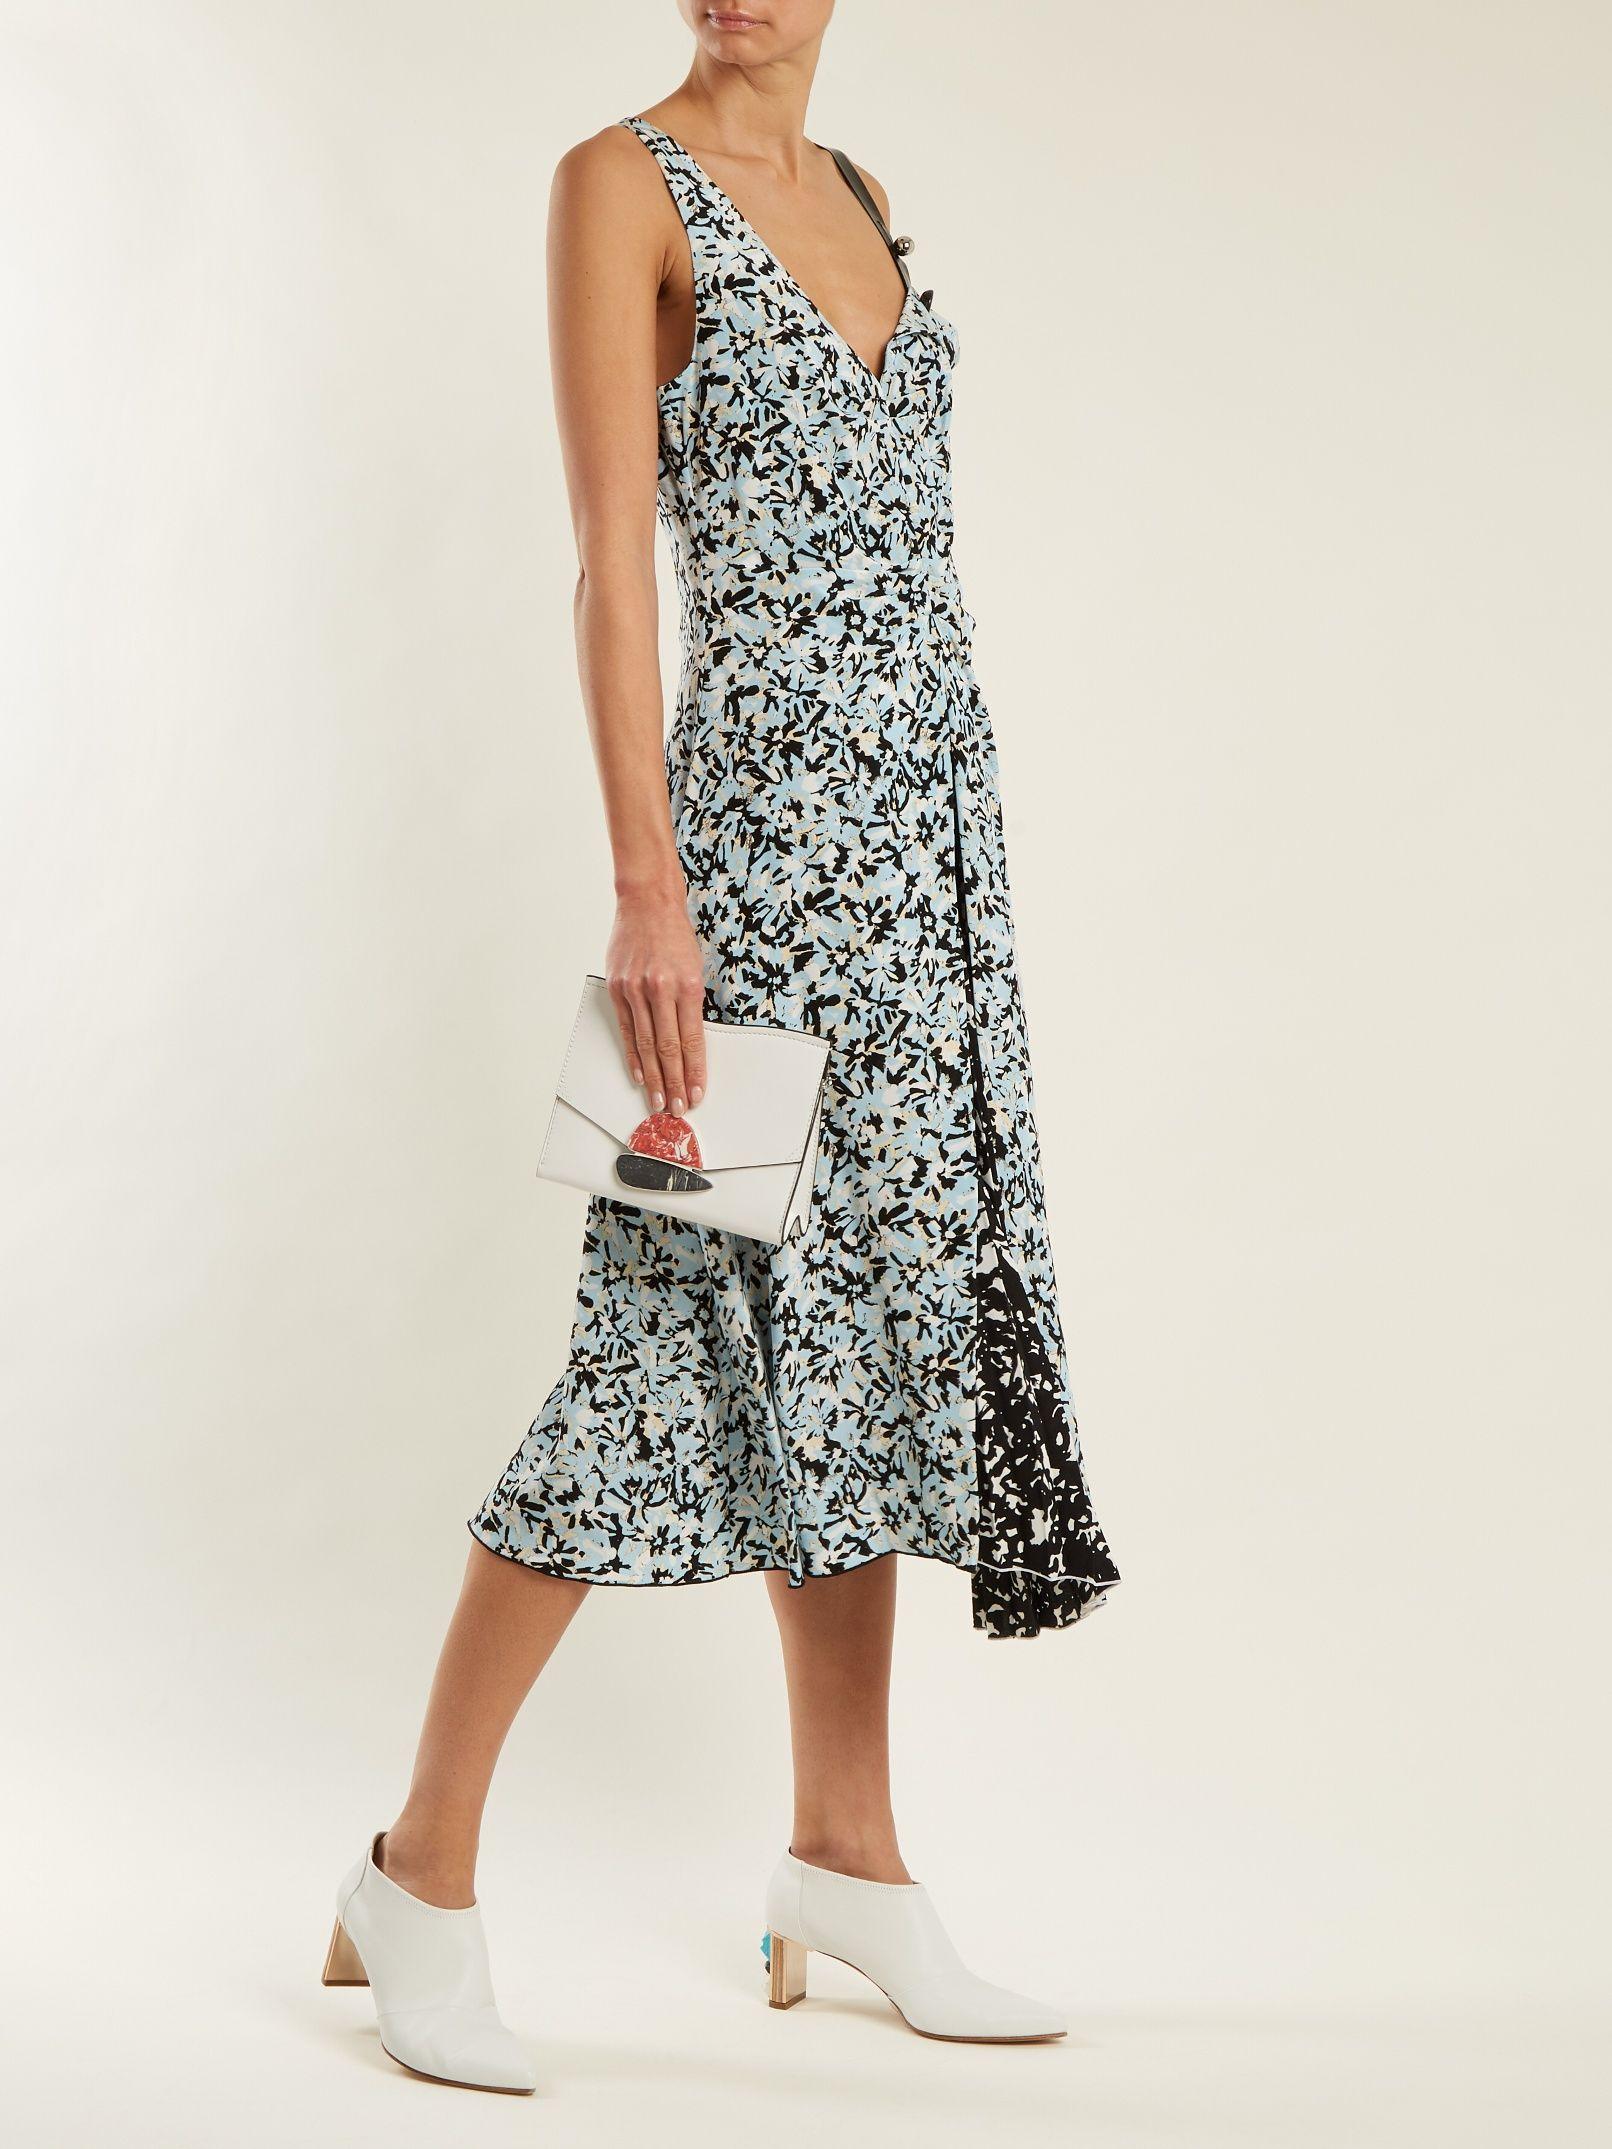 Silk and Cotton Checked Dress Spring/summer Proenza Schouler oz0Hdko